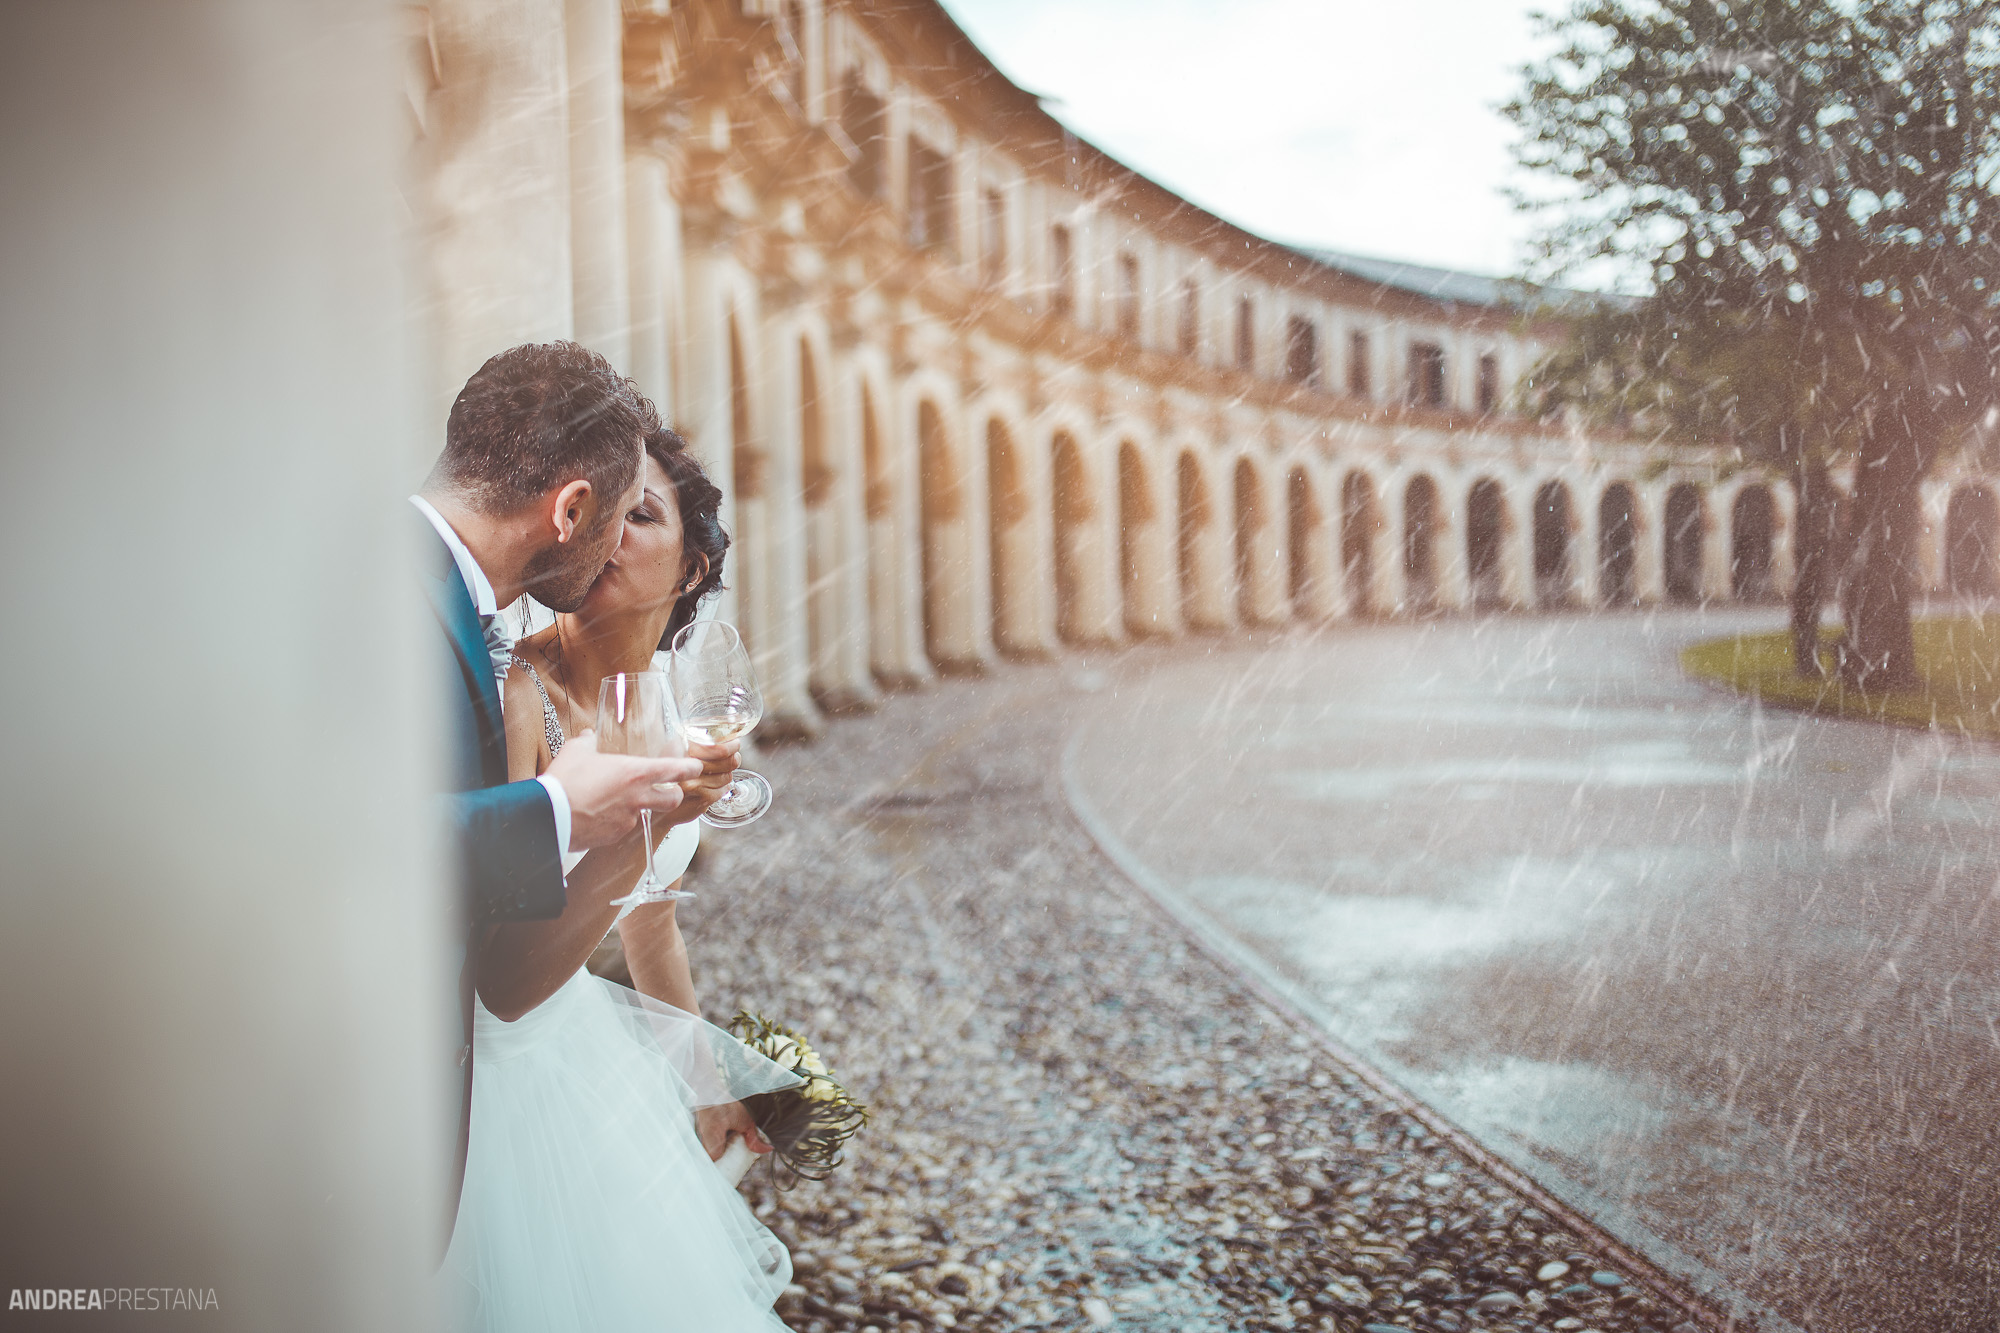 fotografo professionista di matrimoni